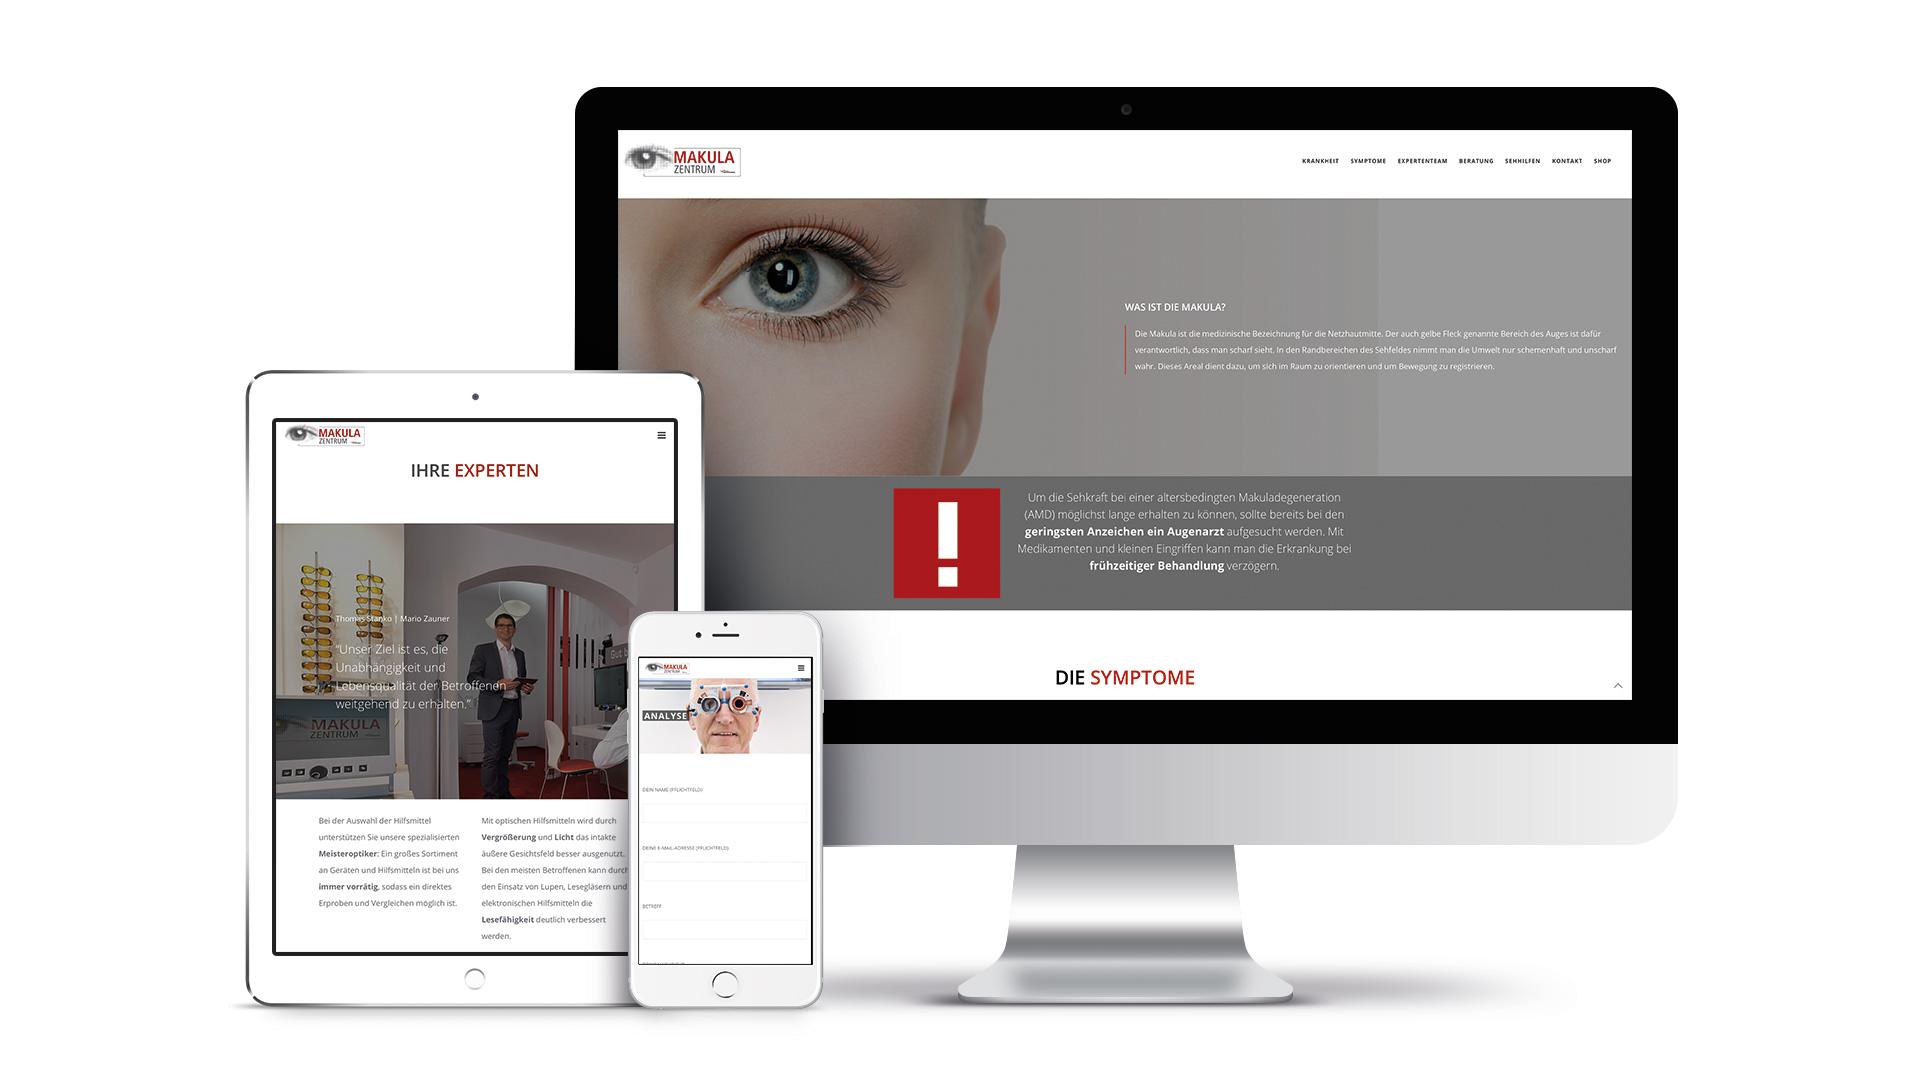 Tablet links Smartphone Vordergrund und Desktop im Hintergrund zeigen das Webdesign von Makula